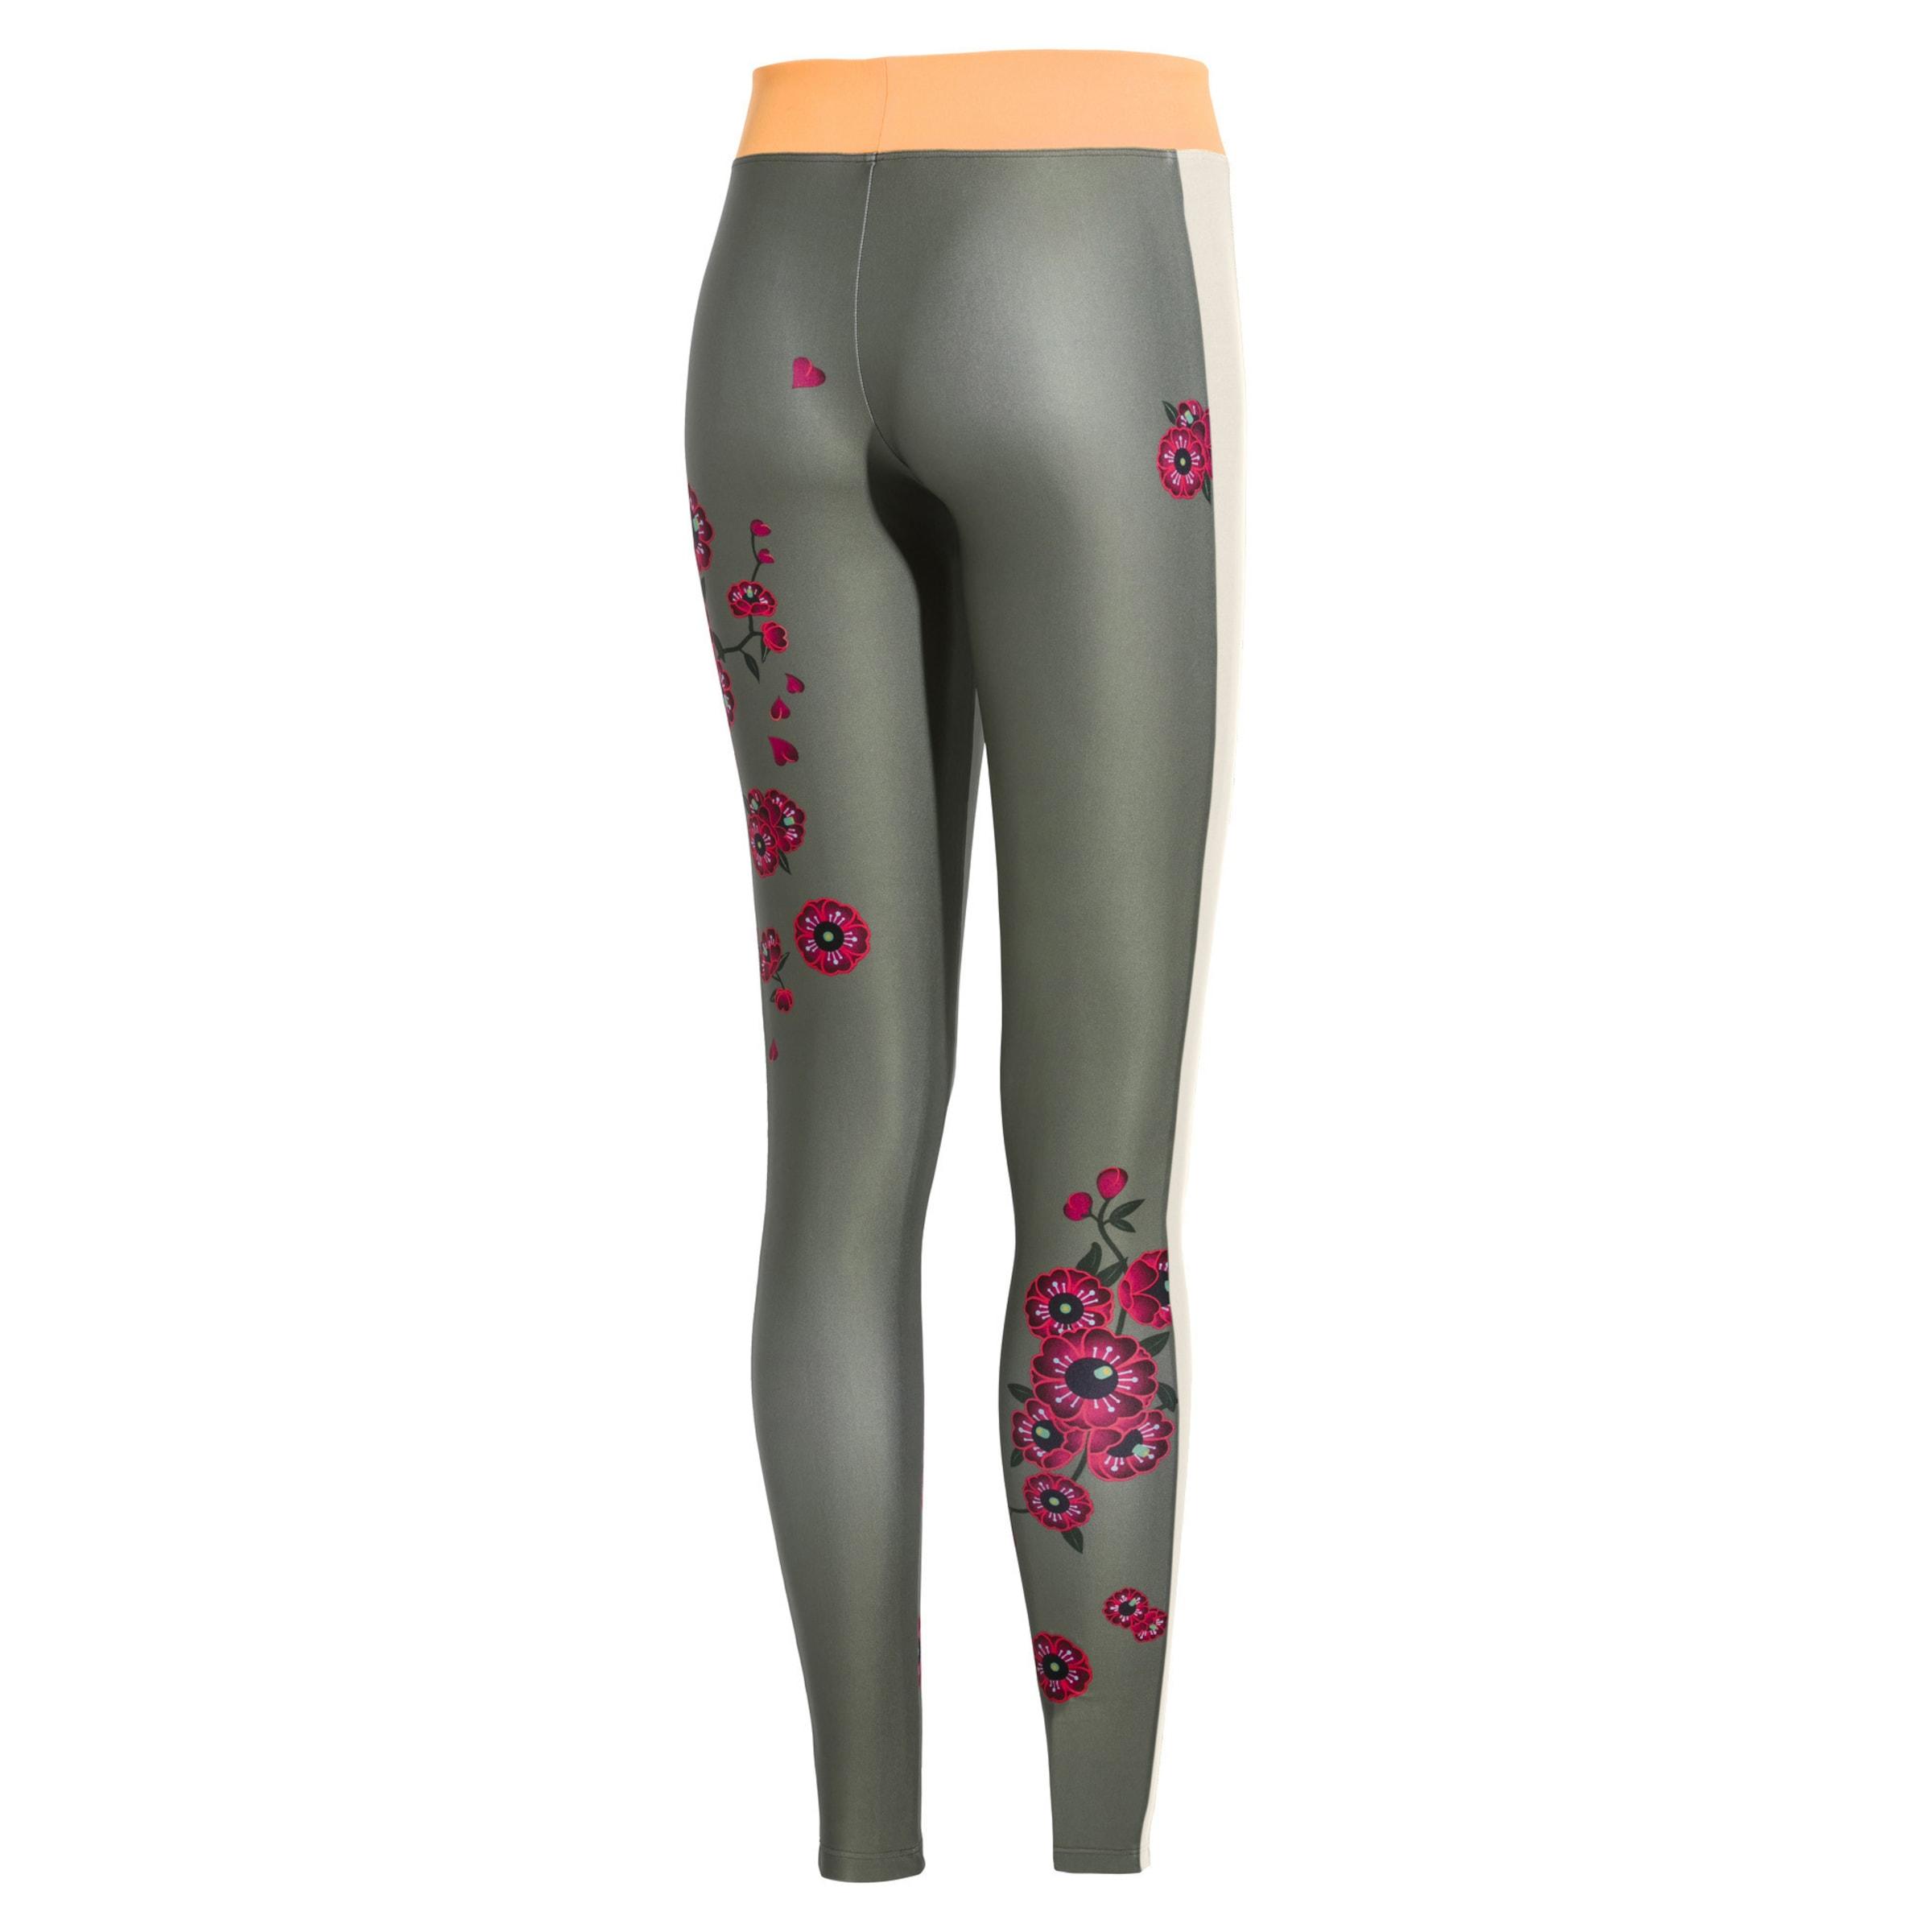 Eosin In Pink Leggings Puma OlivPfirsich shrdCtQ